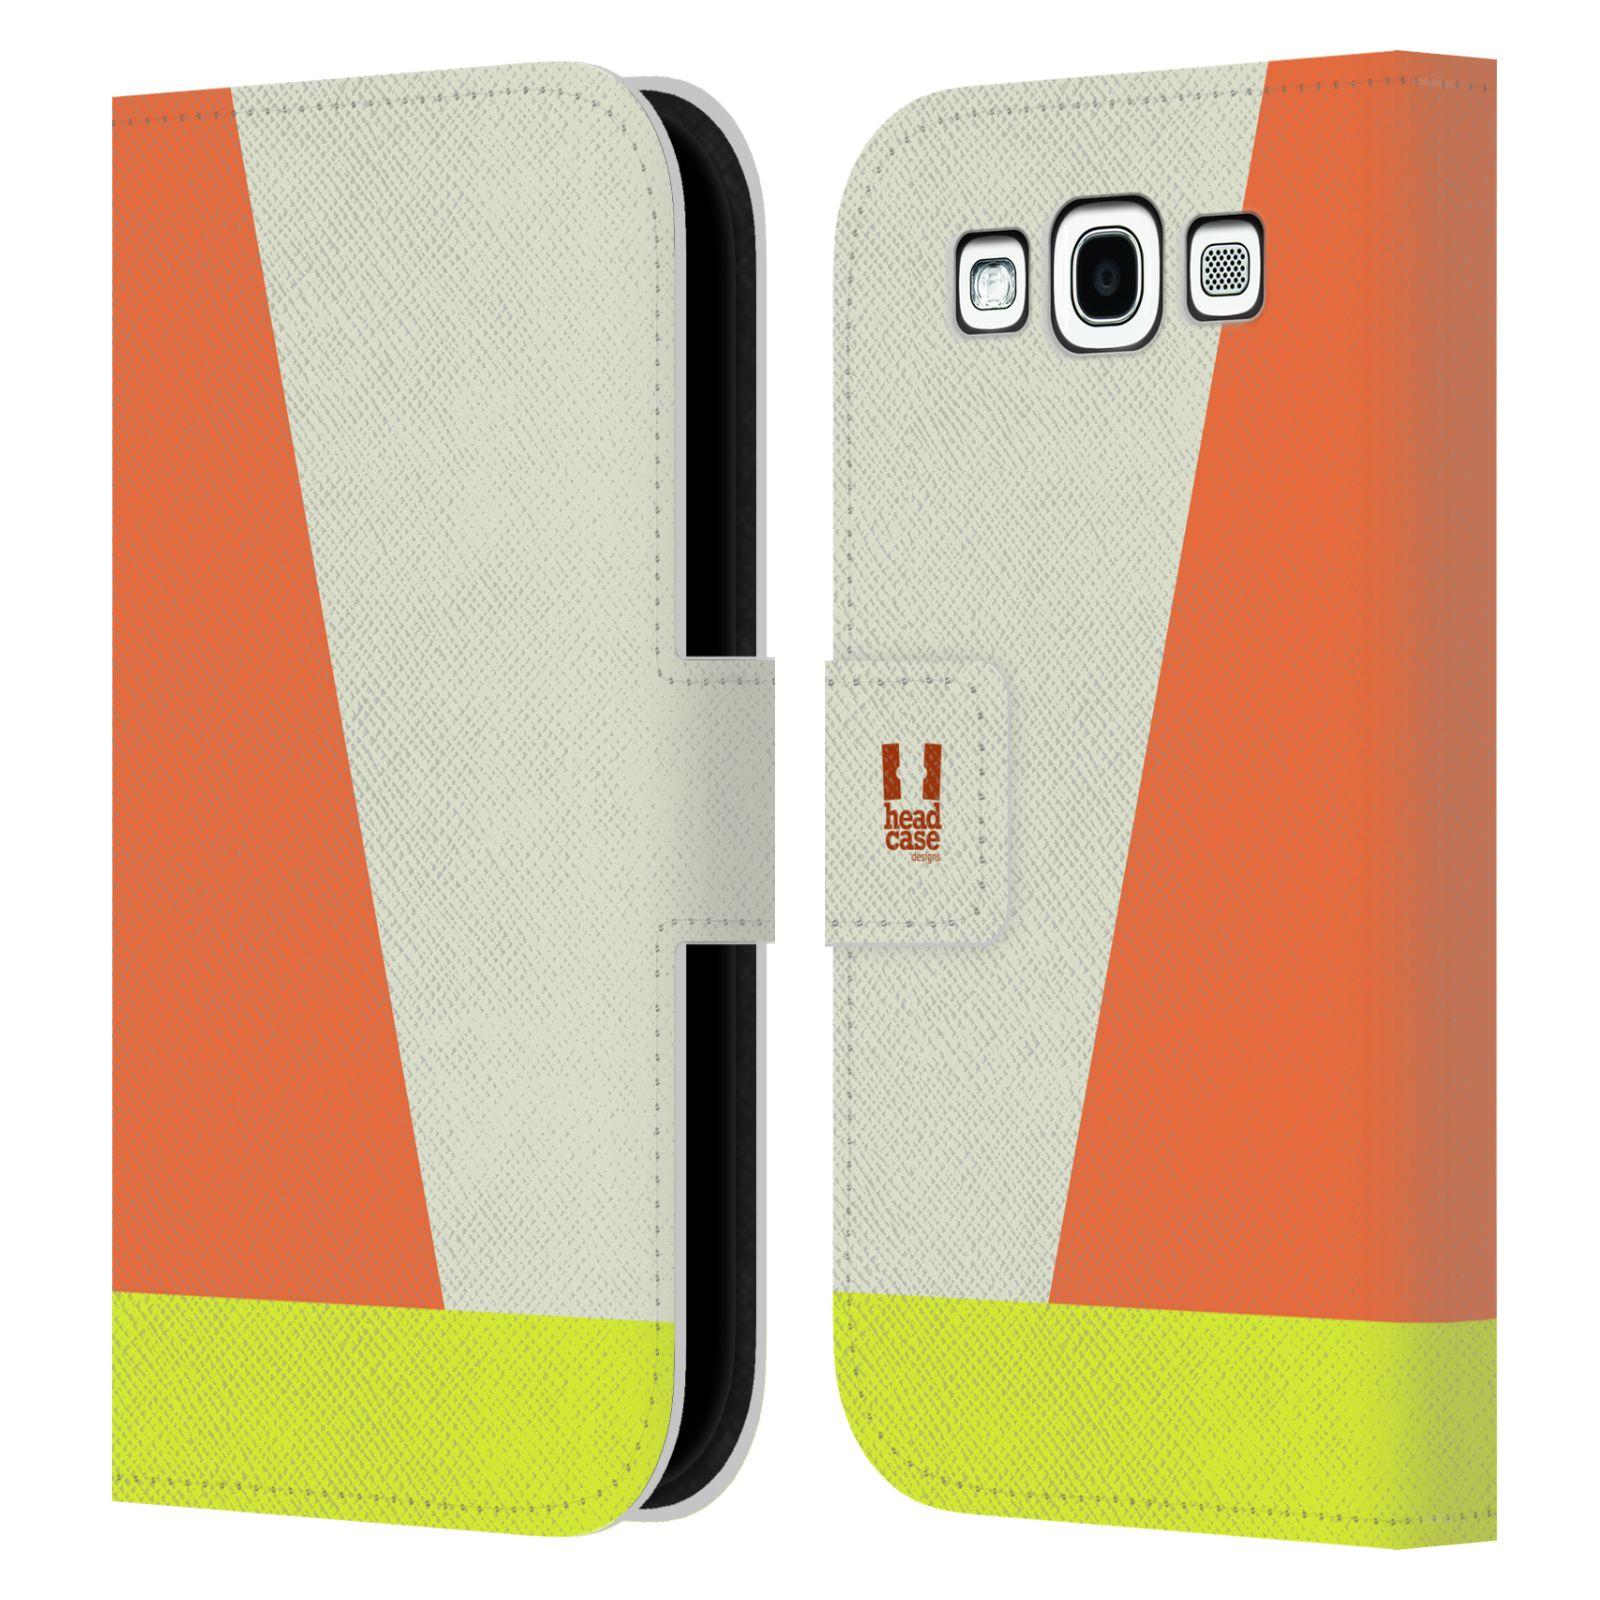 HEAD CASE Flipové pouzdro pro mobil Samsung Galaxy S3 I9300 barevné tvary slonová kost